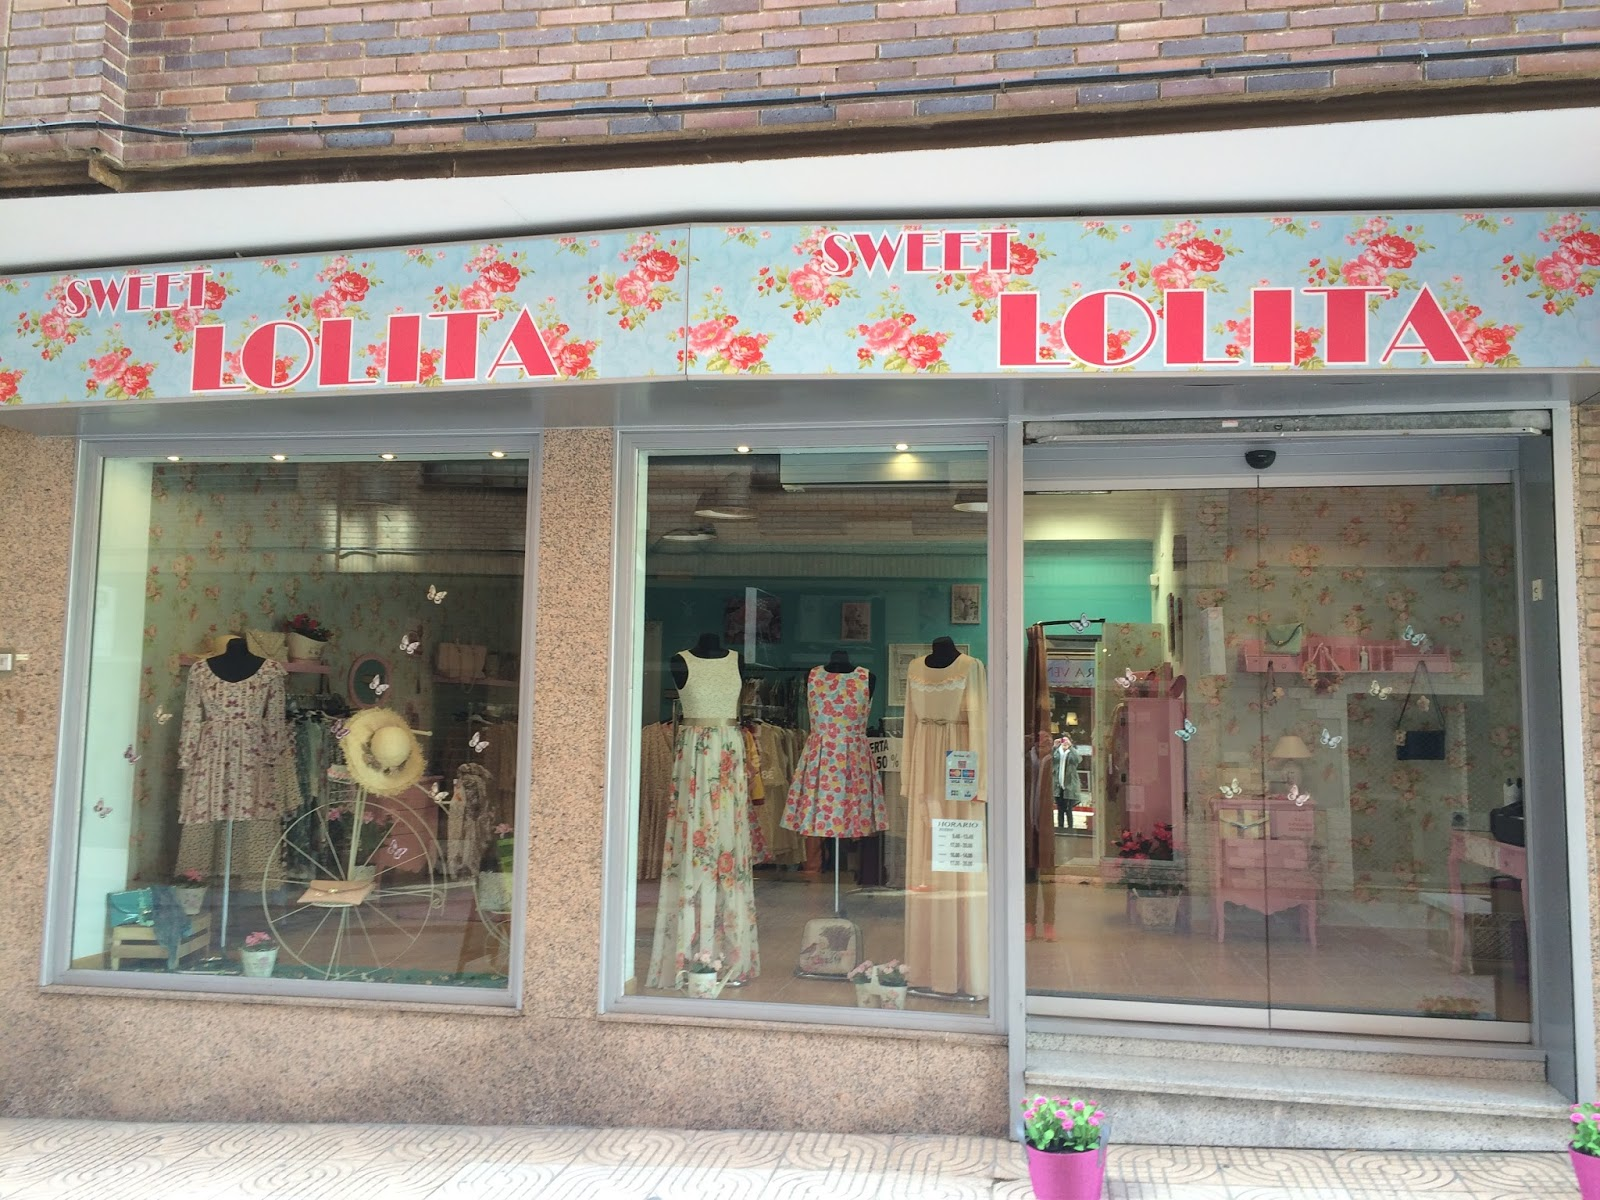 7b09bf7d5c2e Buceando por internet encontré la página de Facebook de Sweet Lolita y no  me decepcionó ni un ápice. La tienda lleva abierta desde el mes de  diciembre en la ...